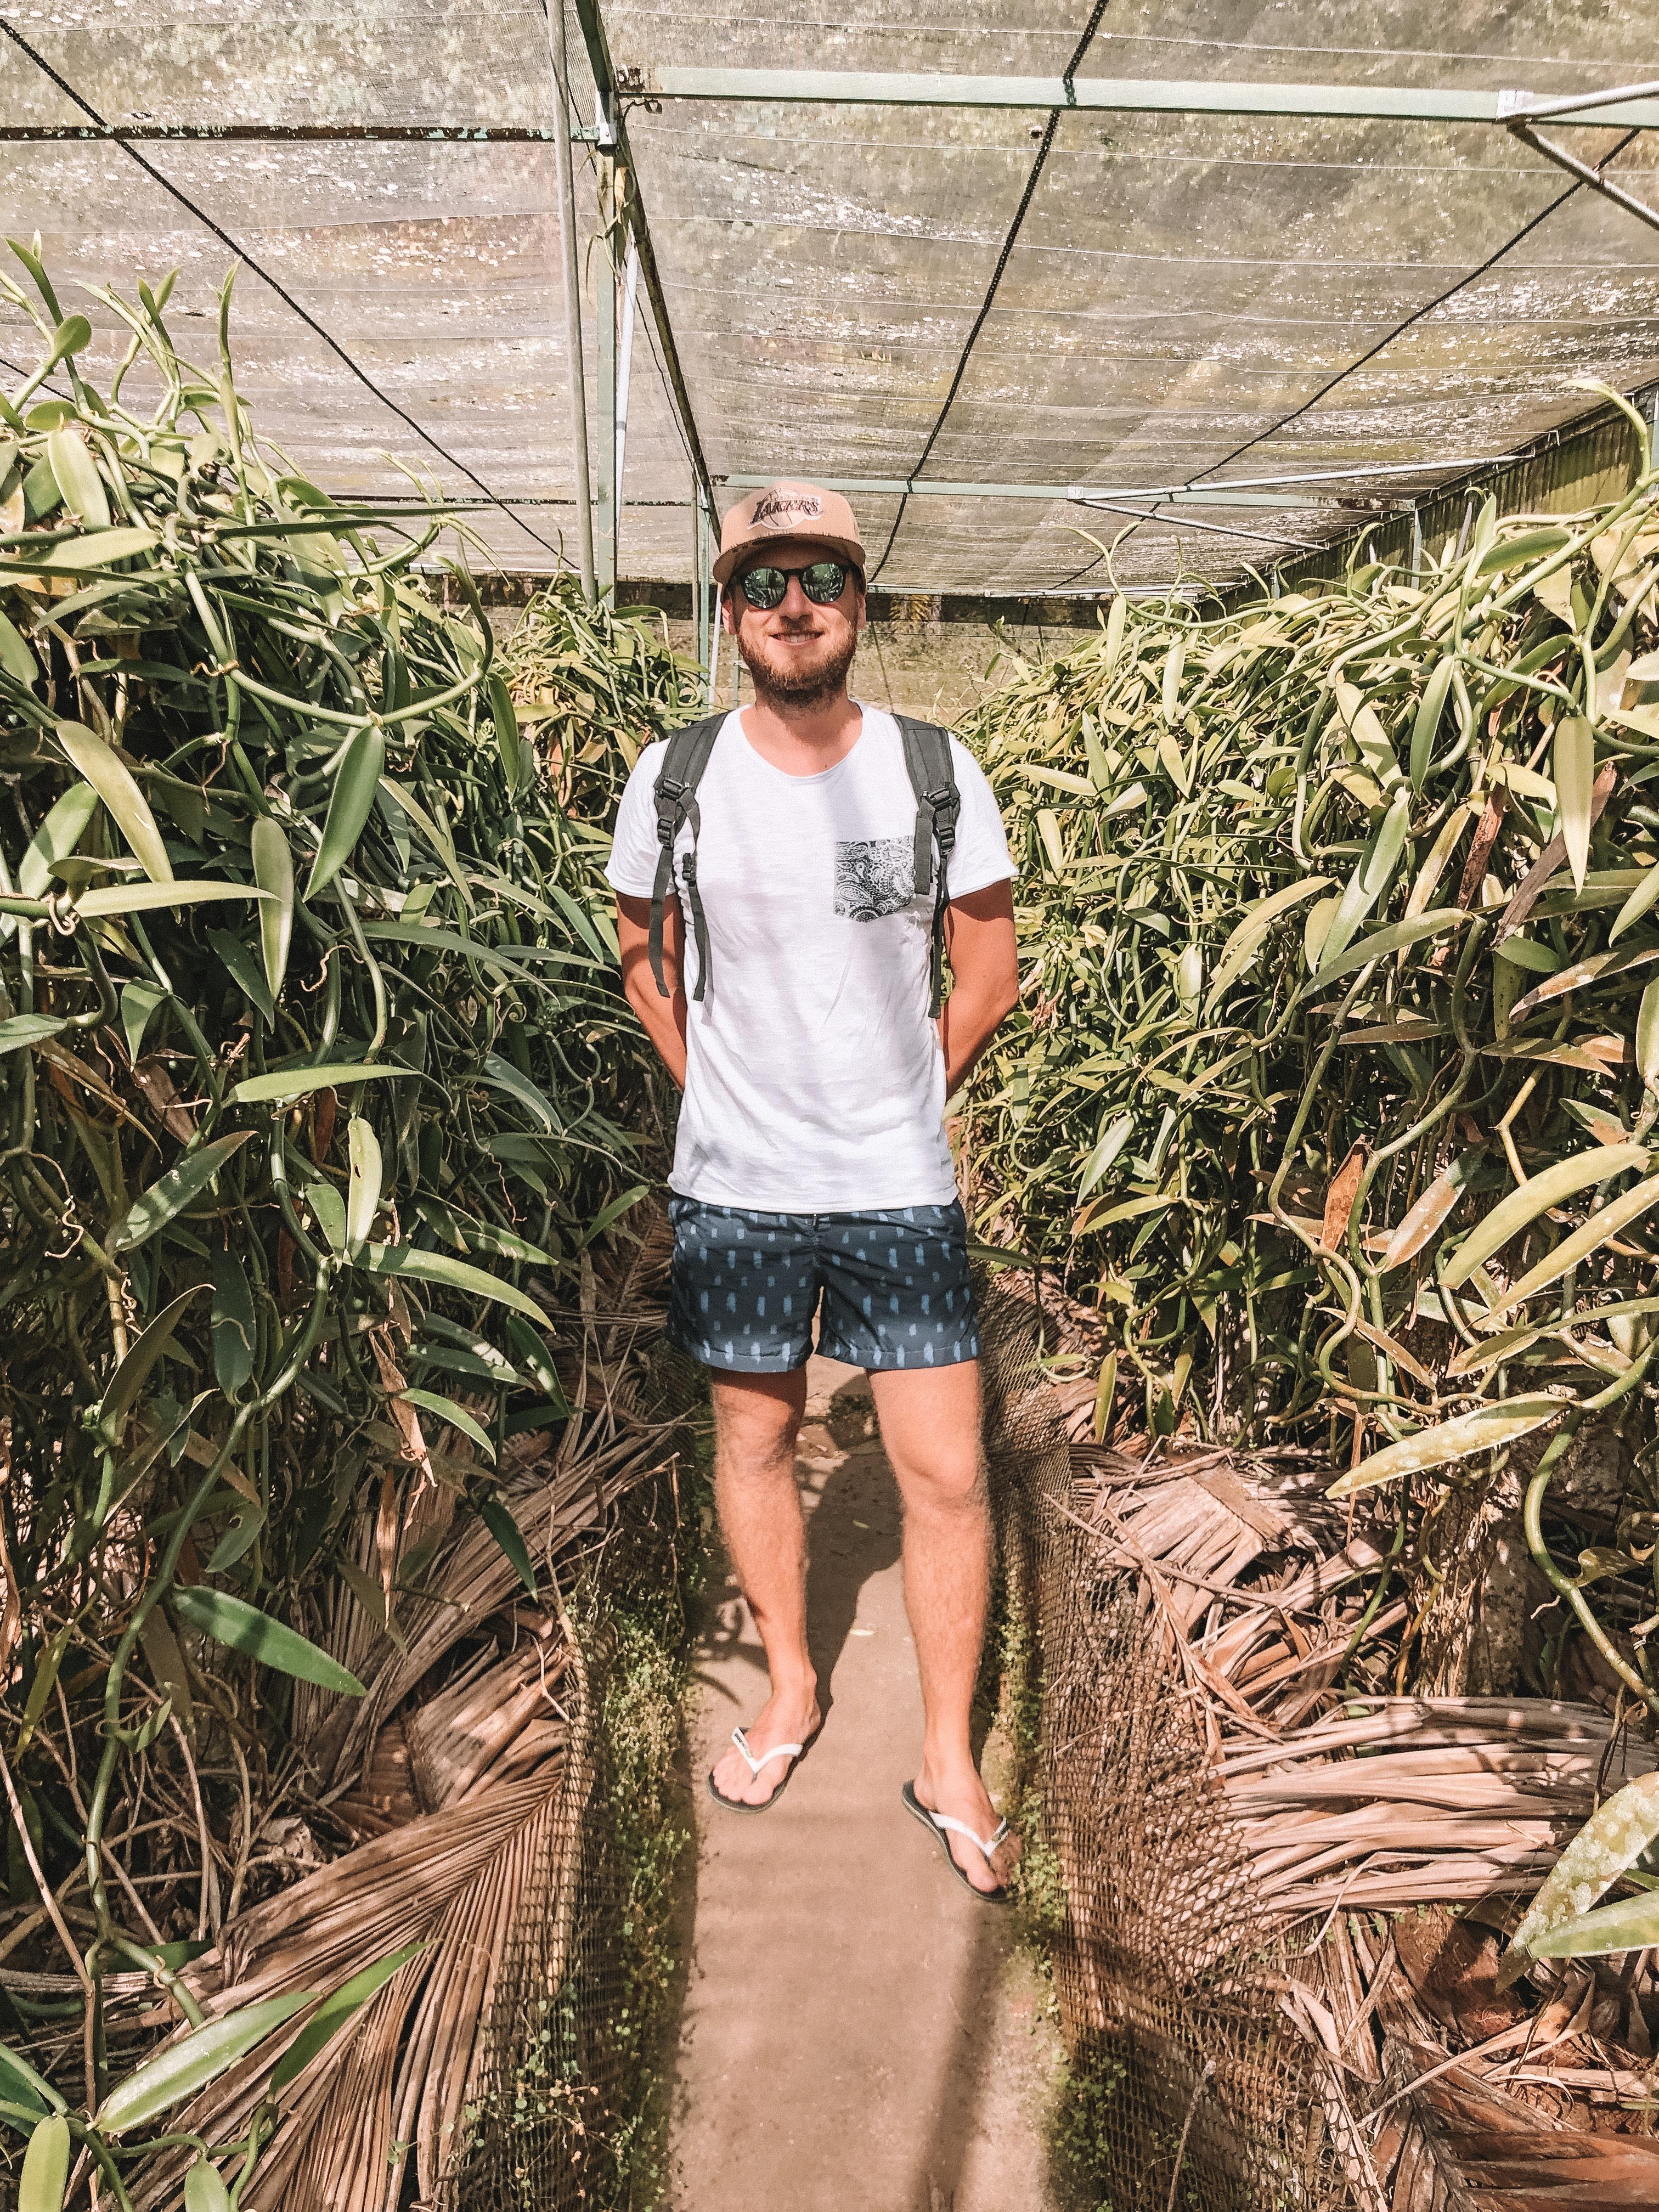 Giardino Botanico Moorea